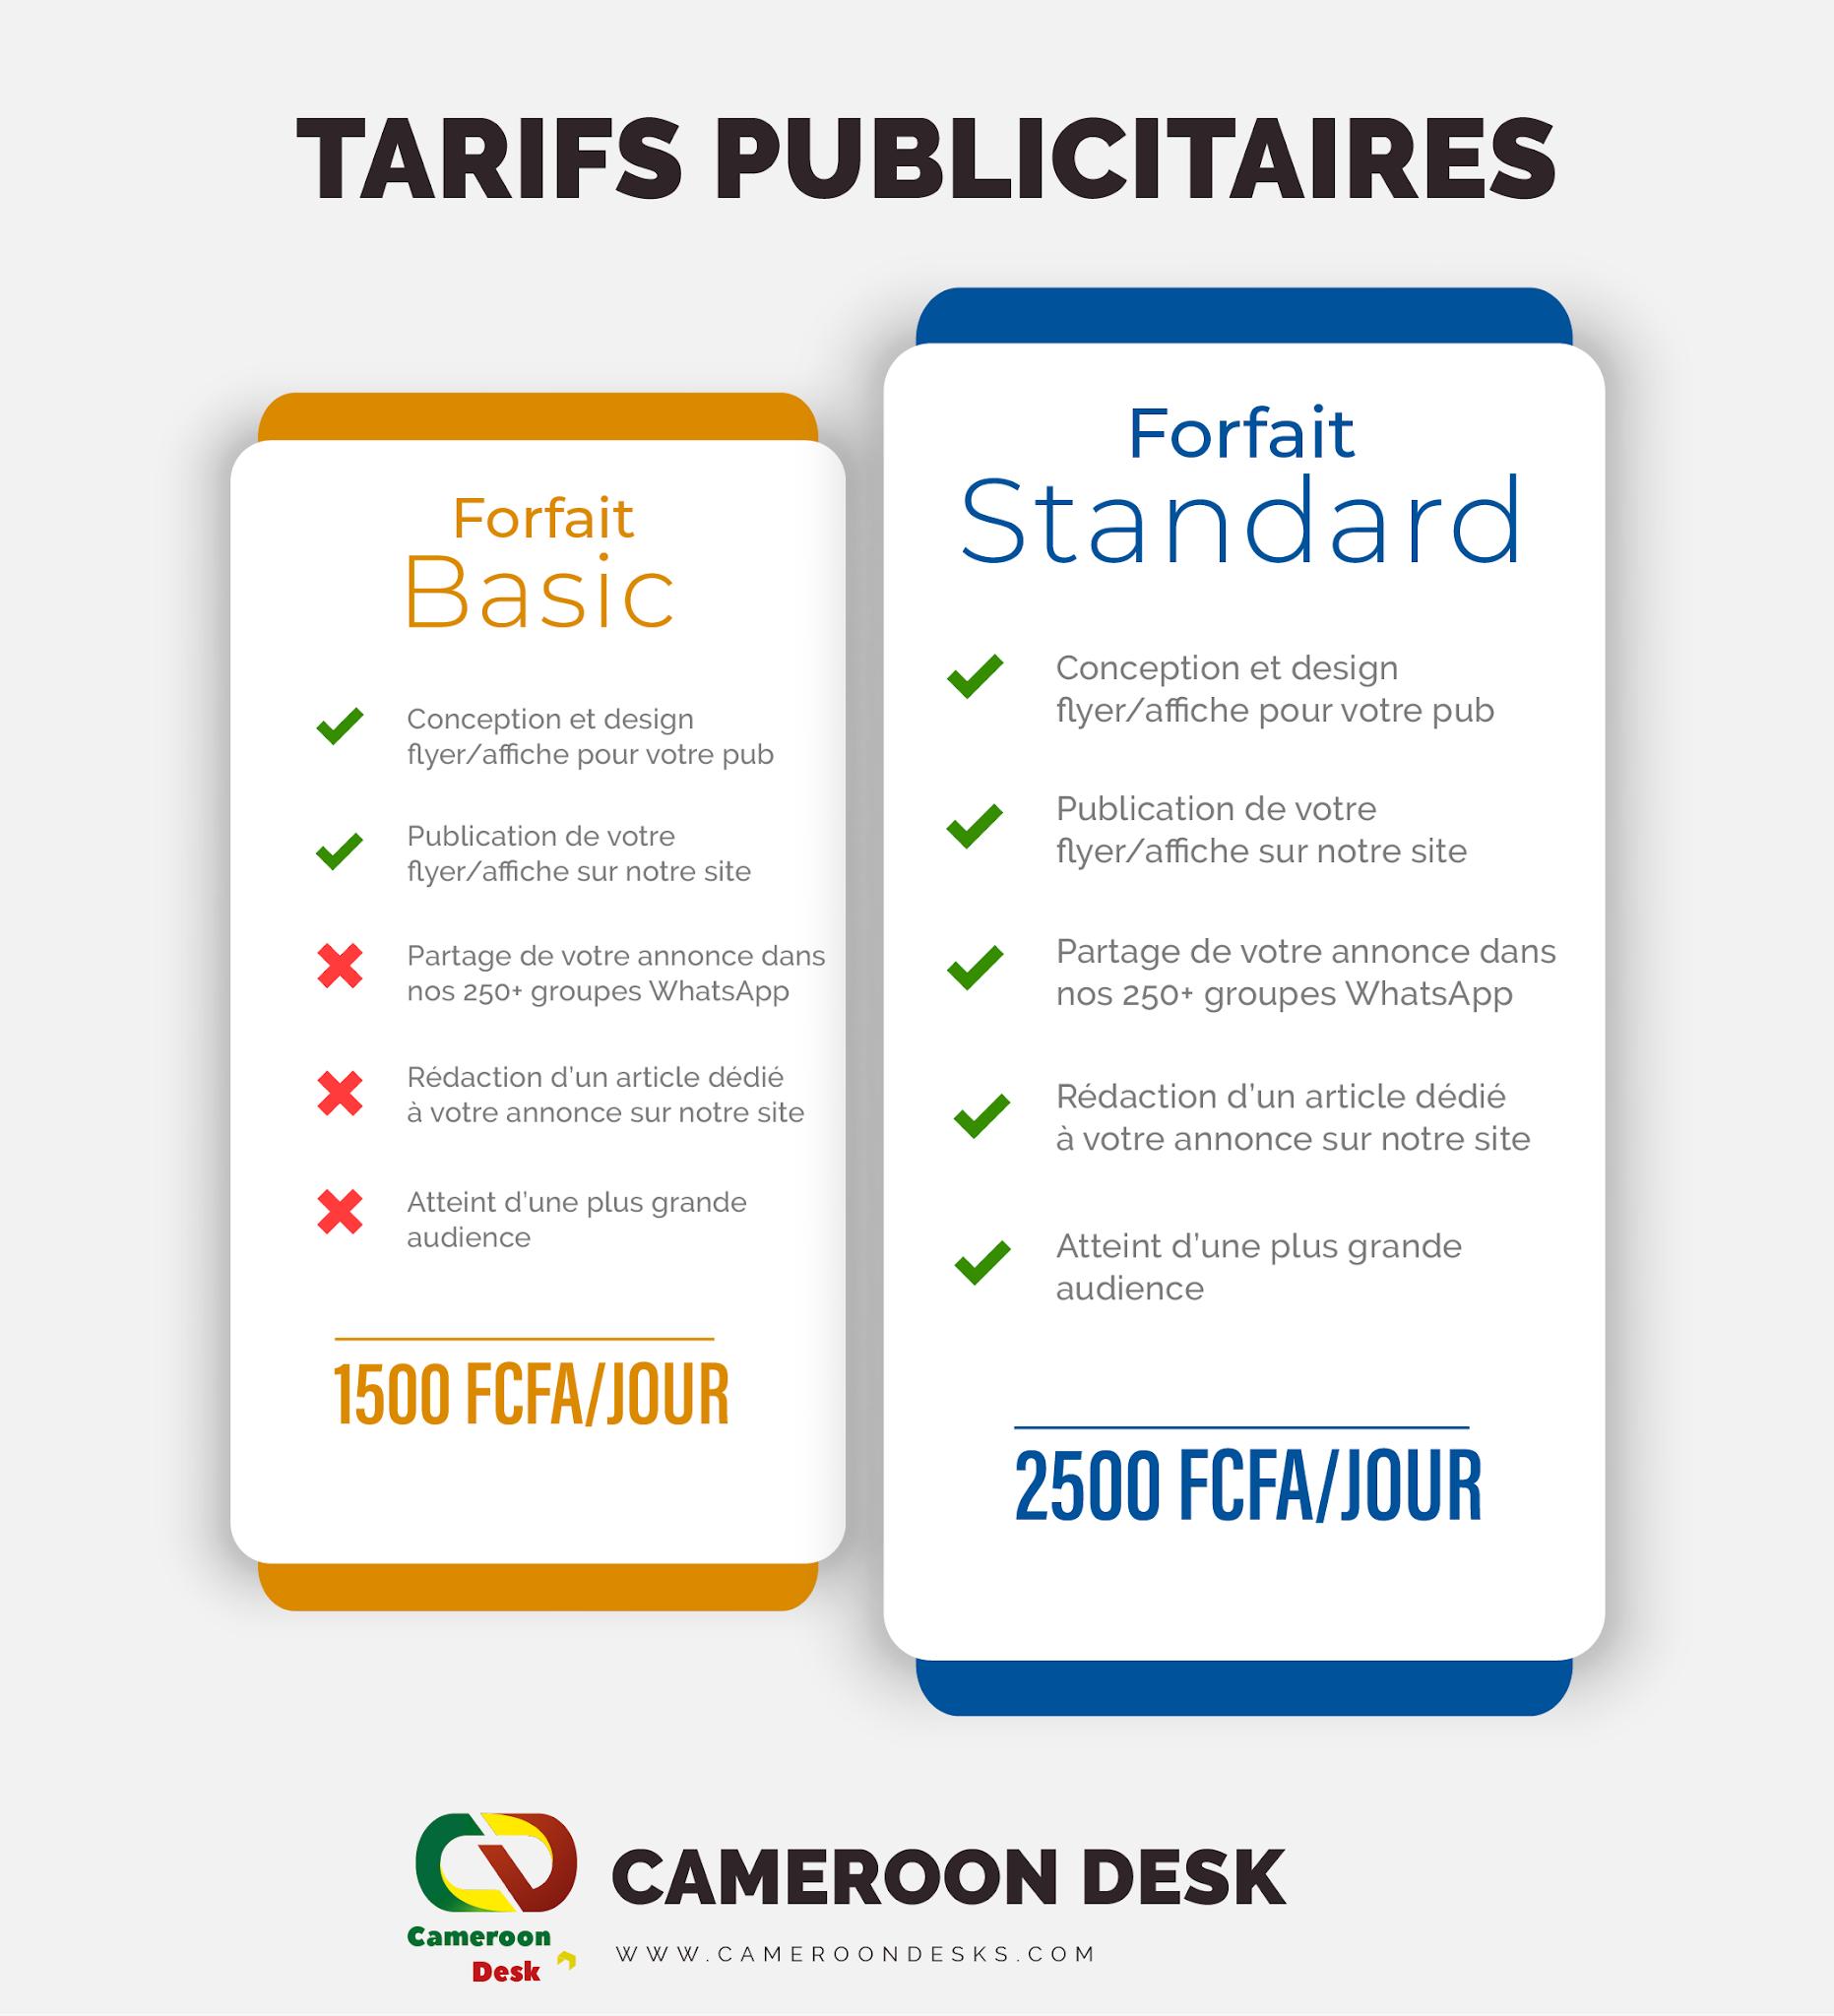 Tarifs Publicité sur Cameroon Desk